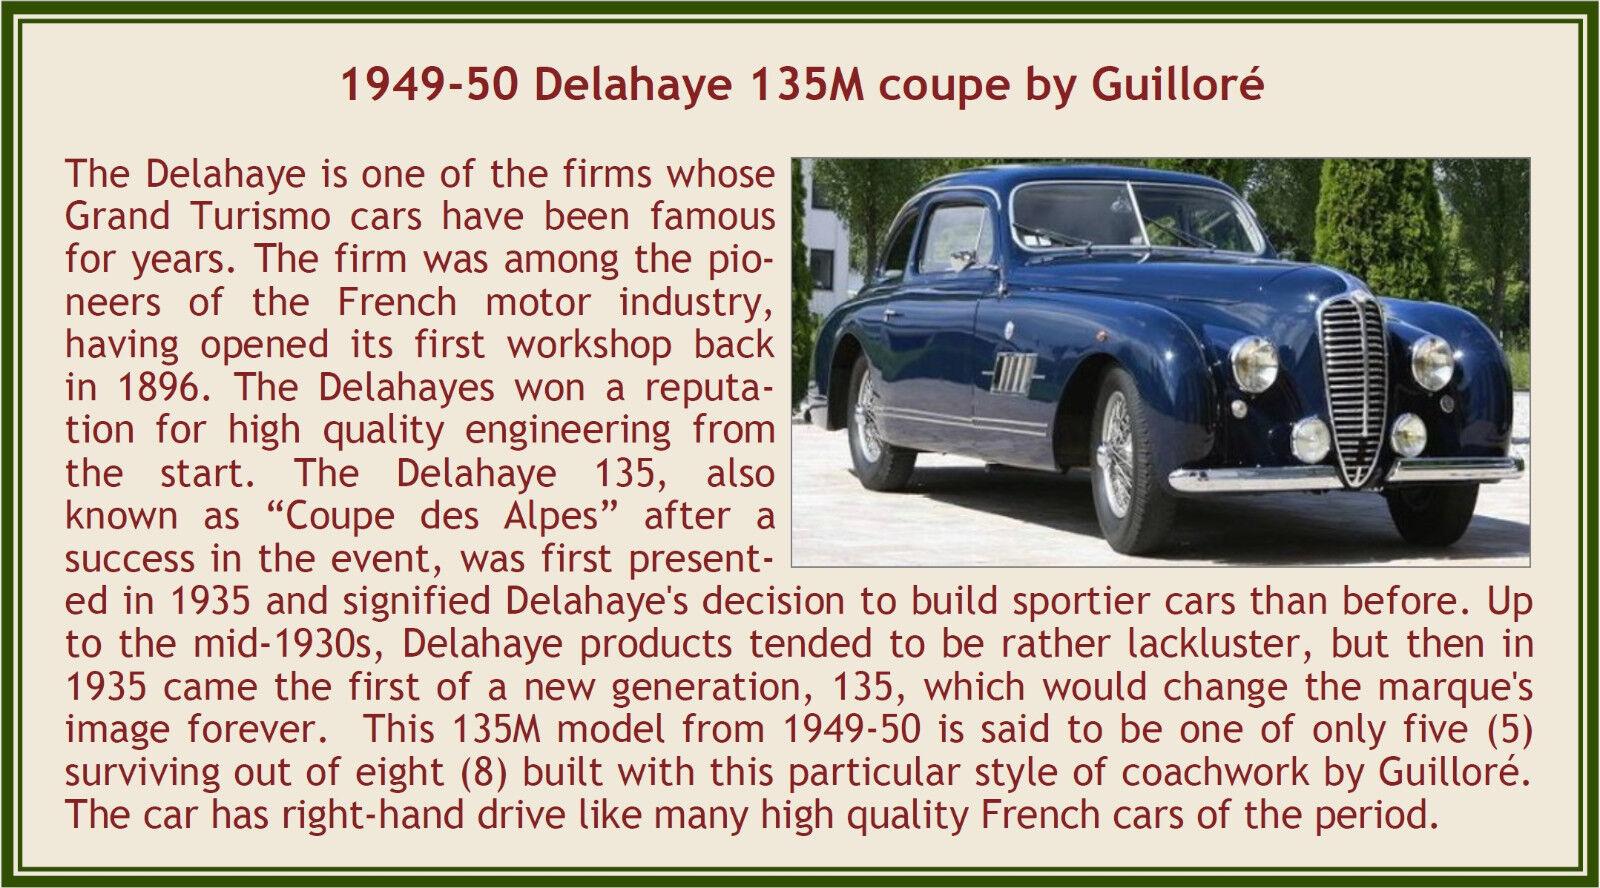 Esval 1949-1950 delahaye einer höhe von 135 m coupé von guillore blau 1 43 neue